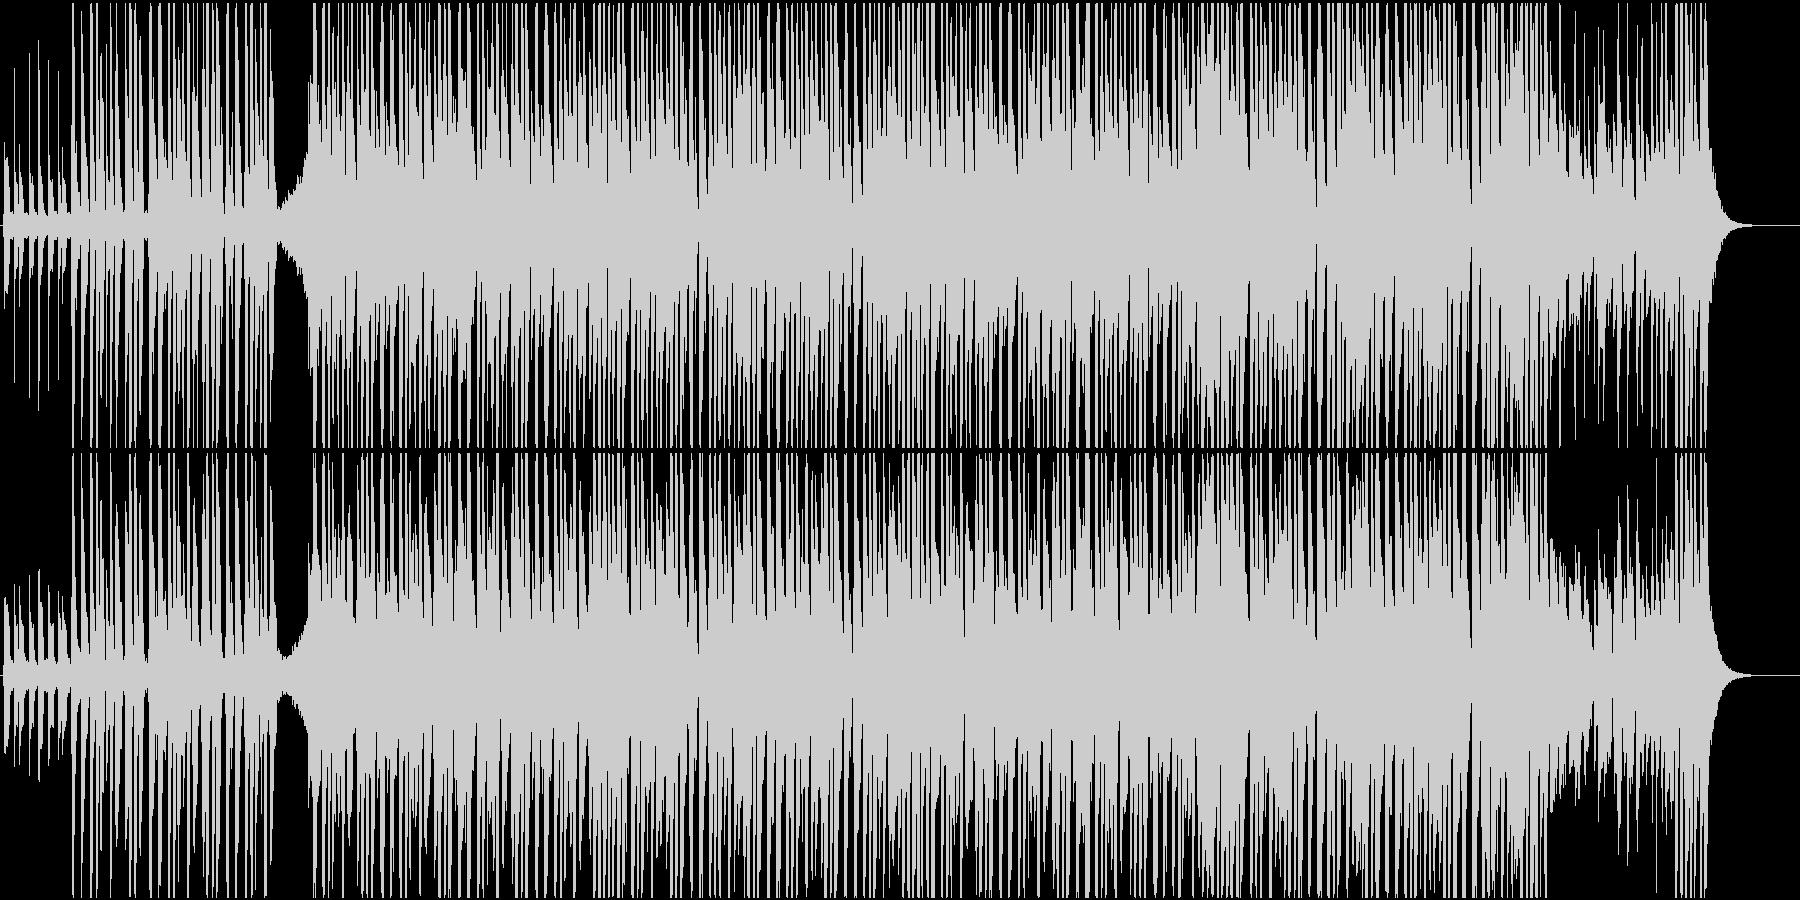 CM向けファンキーではねたビートとブラスの未再生の波形